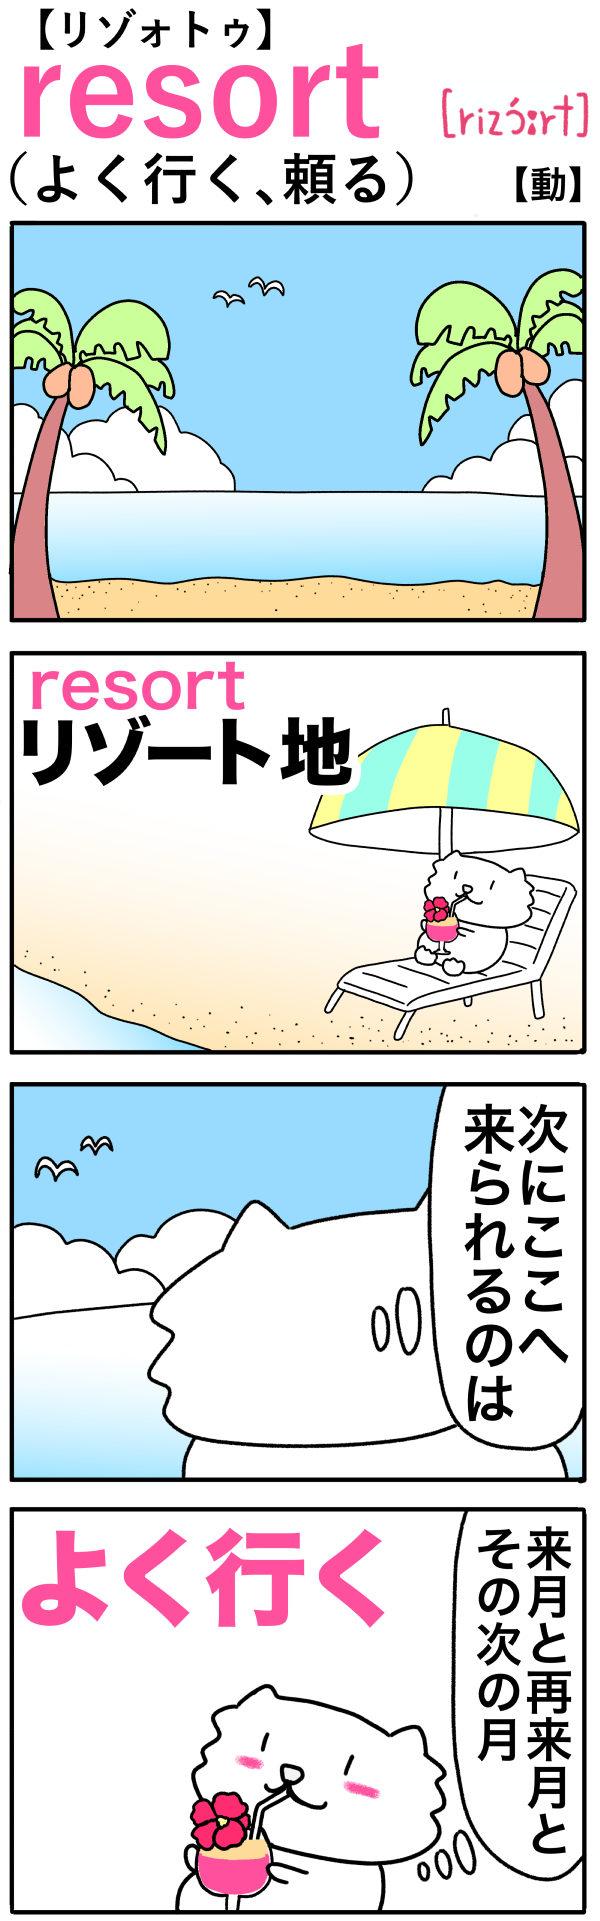 resort(よく行く、頼る)の語呂合わせ英単語